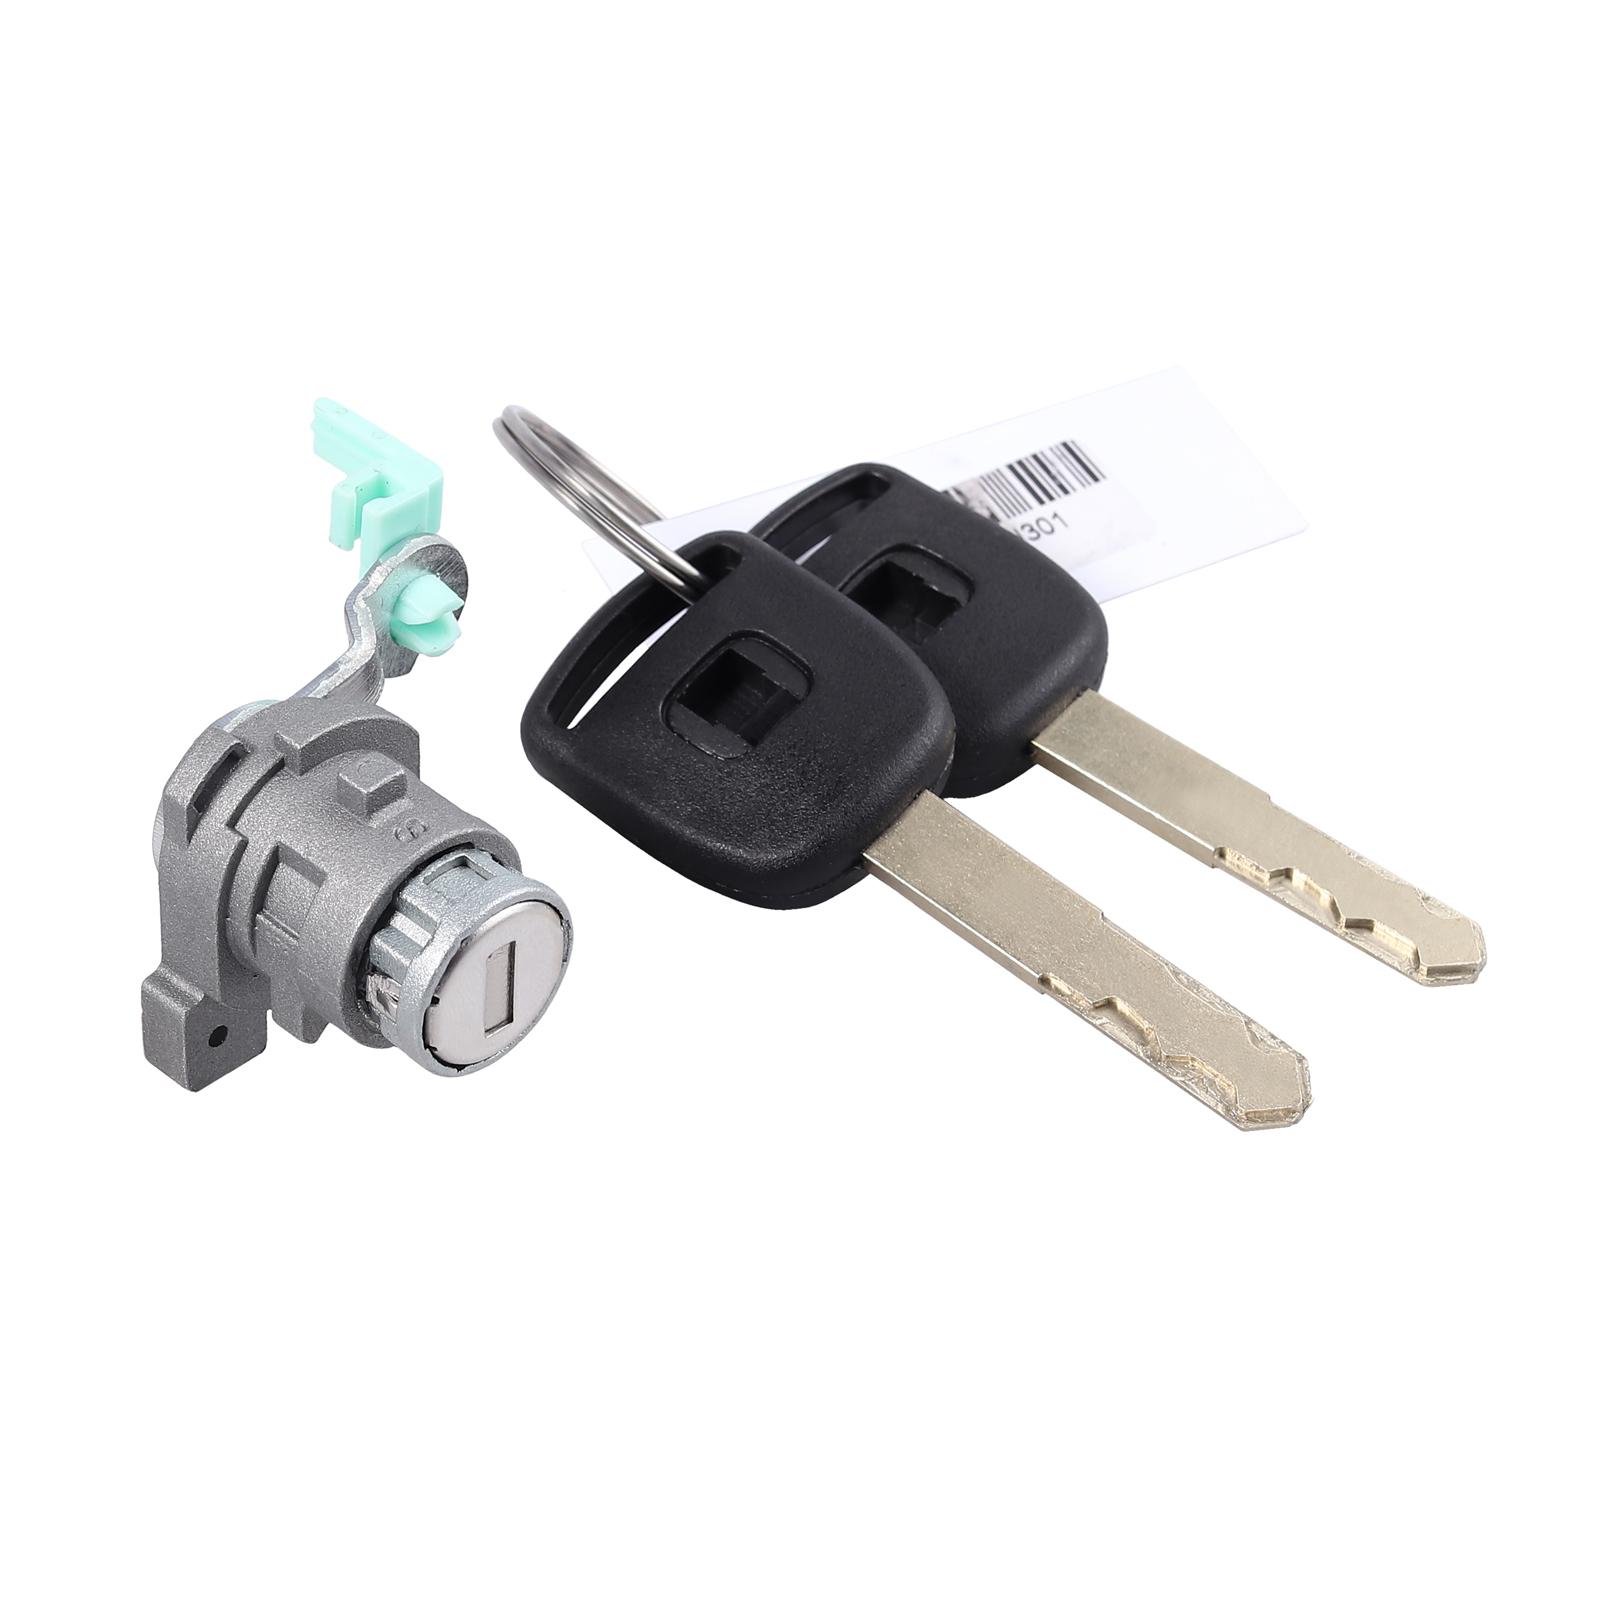 Left Driver Side Door Lock Cylinder W// 2Key For Accord 03-07 4Door 72181SDAA11